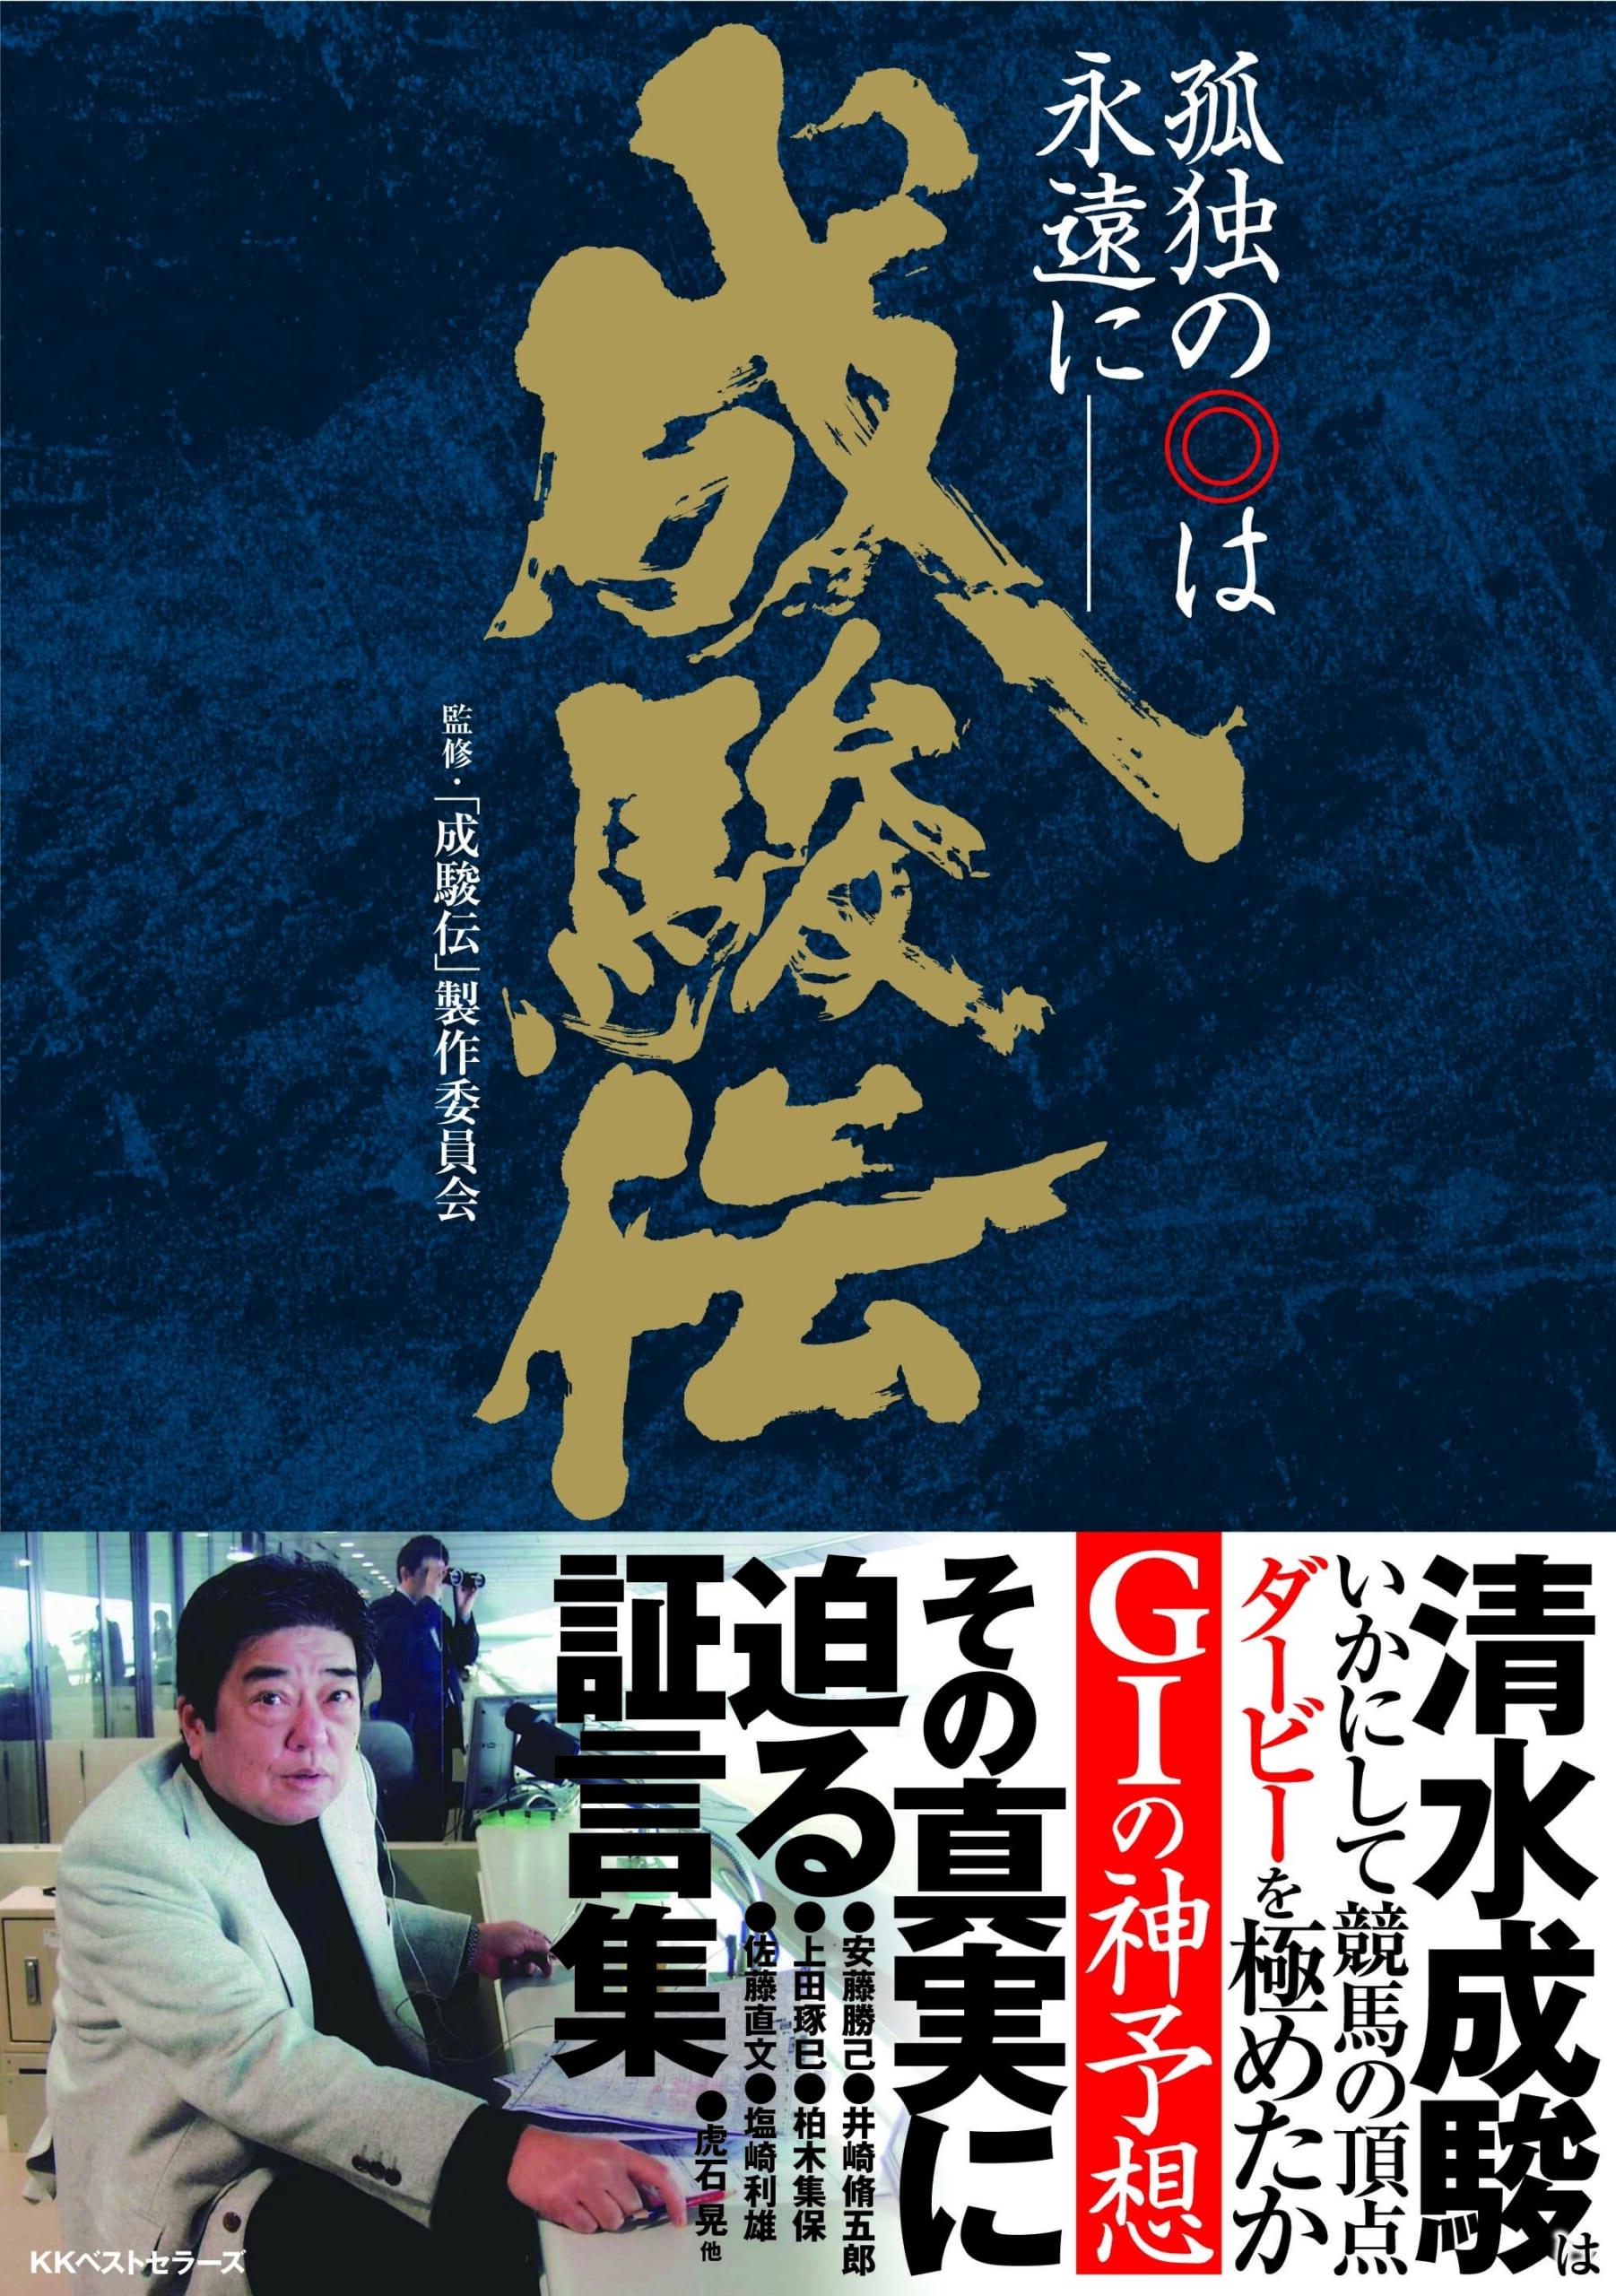 『成駿伝 孤独の◎は永遠に―』がHONZさんで紹介されました!